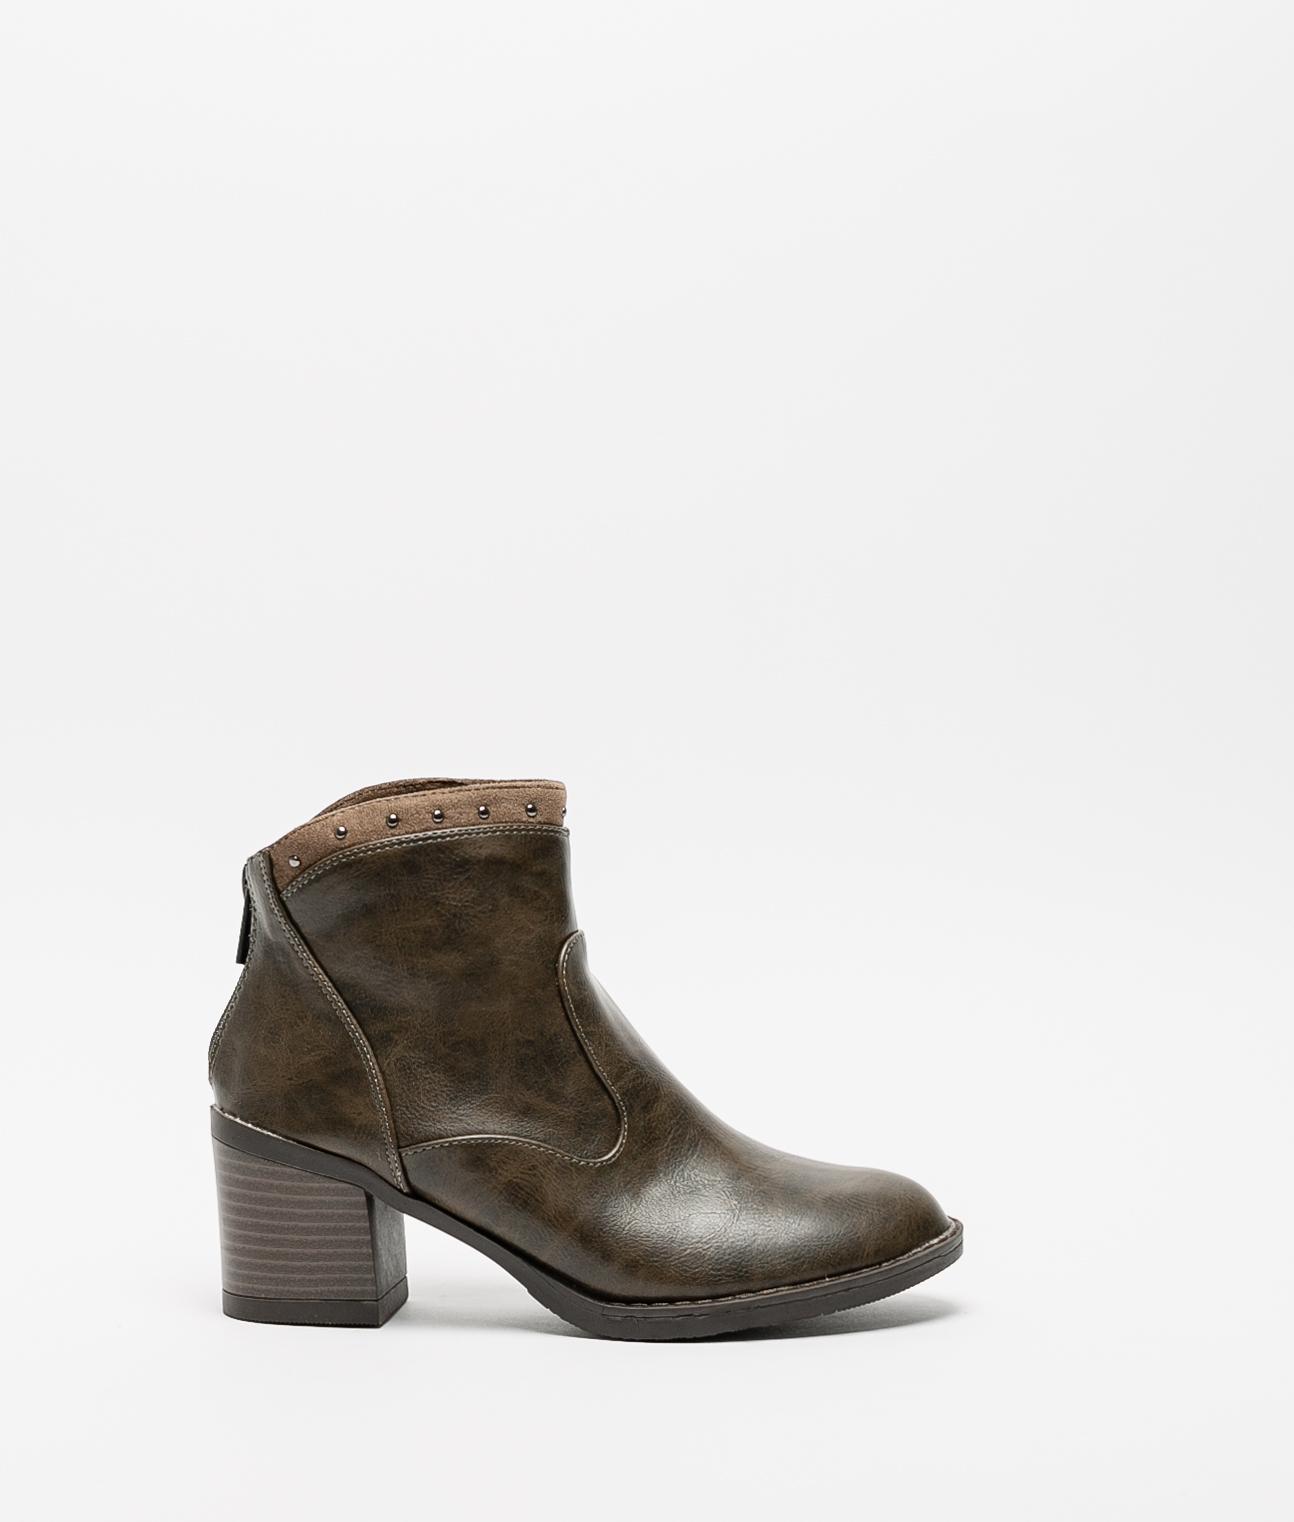 Low Boot Tiusa - Kaki